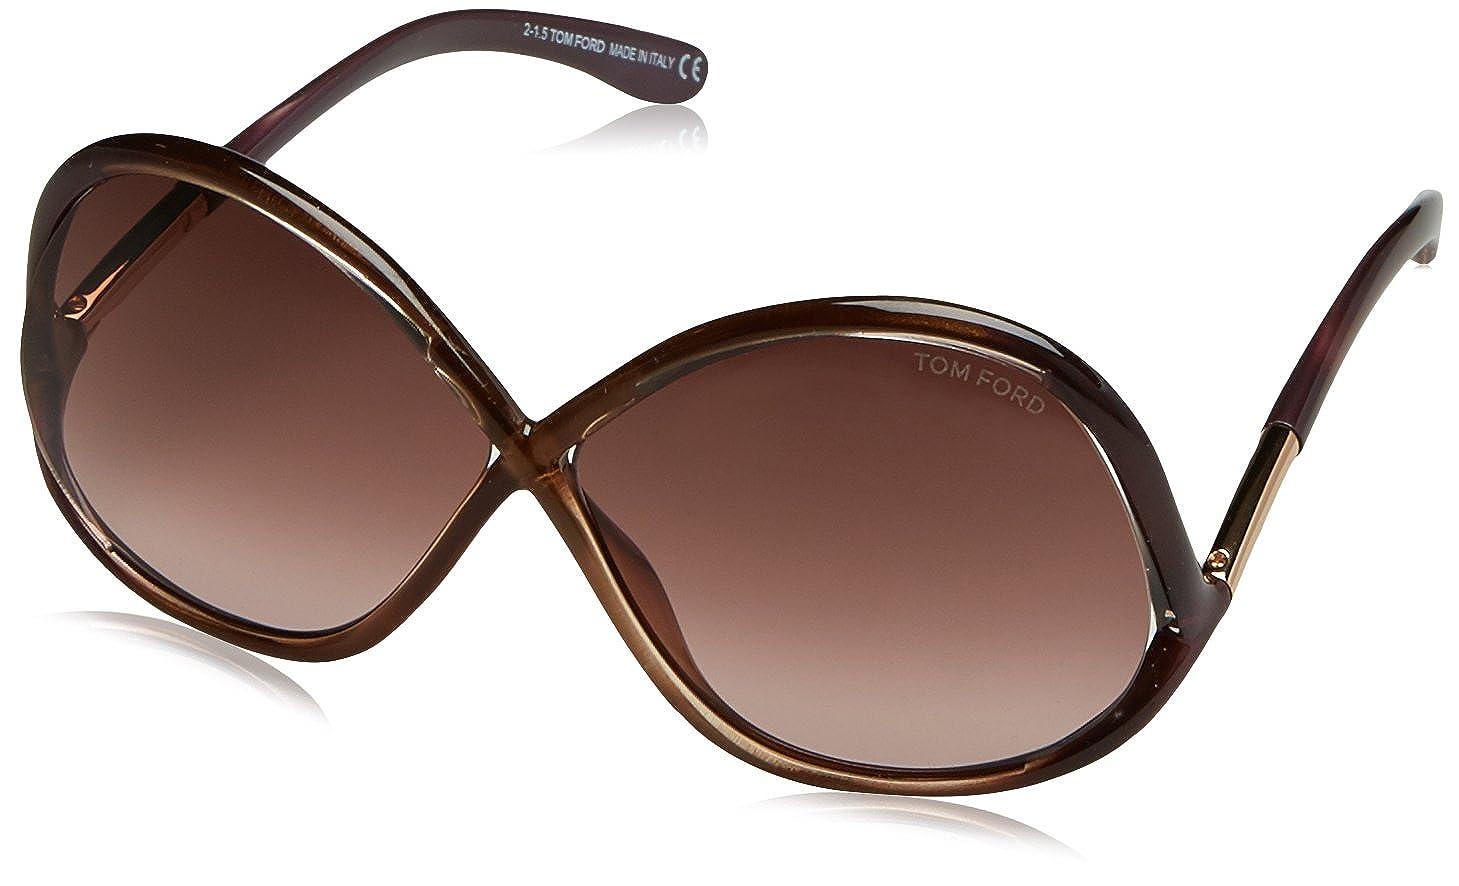 Tom Ford - Lunettes de soleil - Homme Marron marron 64  Amazon.fr   Vêtements et accessoires 4e116cd81e7f